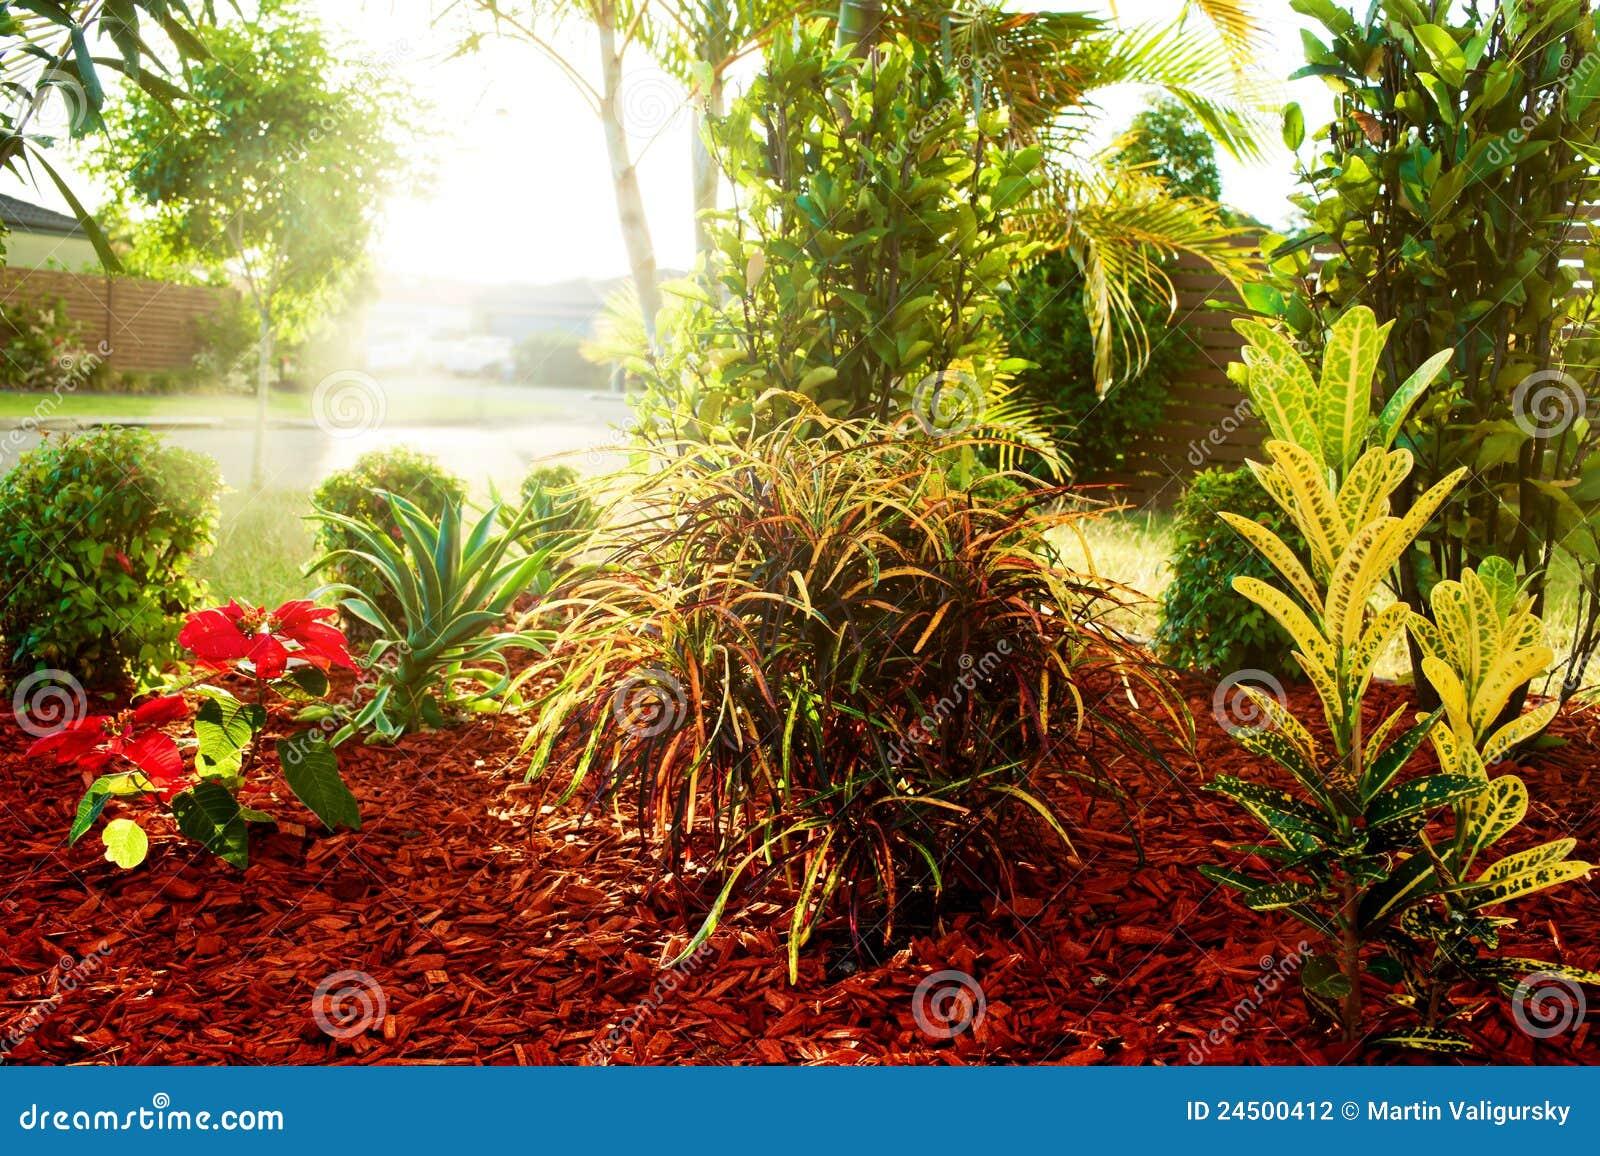 flores tropicais jardim:Colorful Tropical Garden Plants